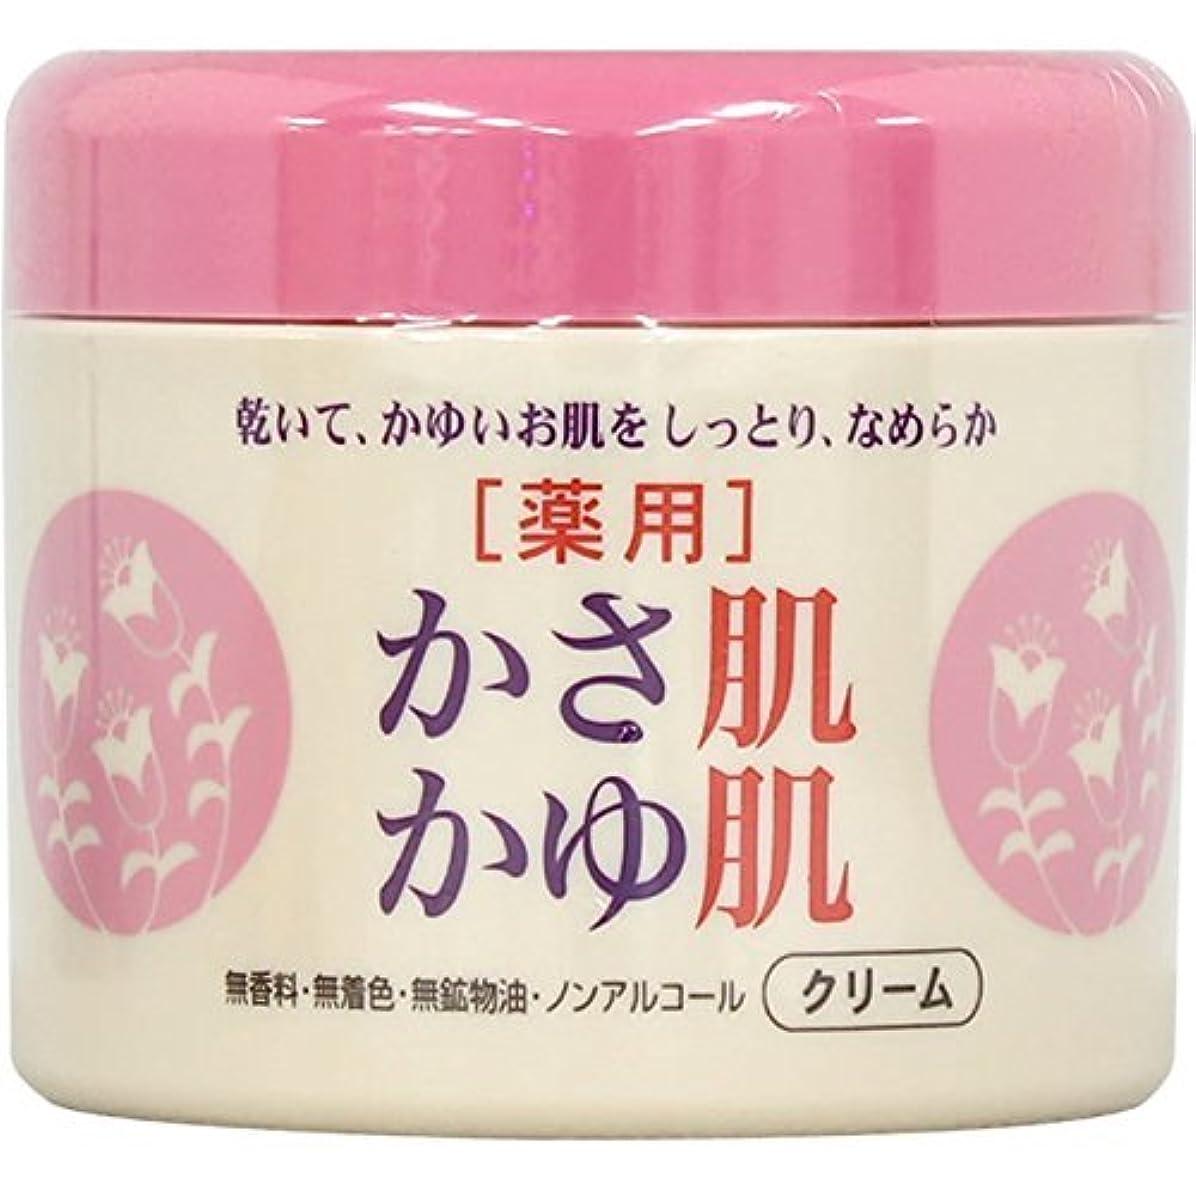 予見する息苦しい補助薬用 かさ肌かゆ肌ミルキークリーム 280g (医薬部外品)